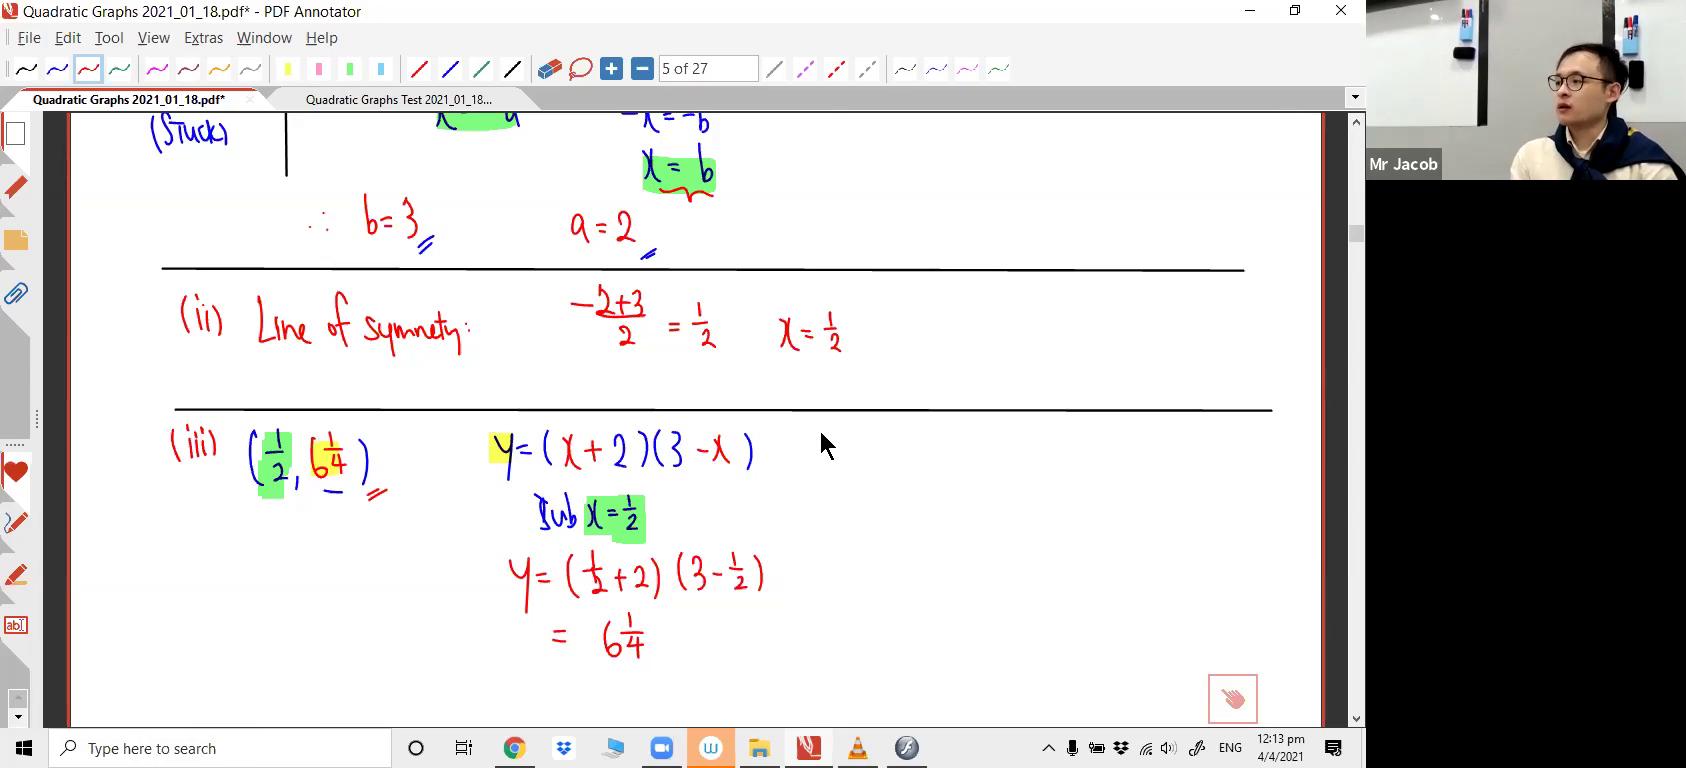 [QUADRATIC GRAPHS] Quadratic Graphs